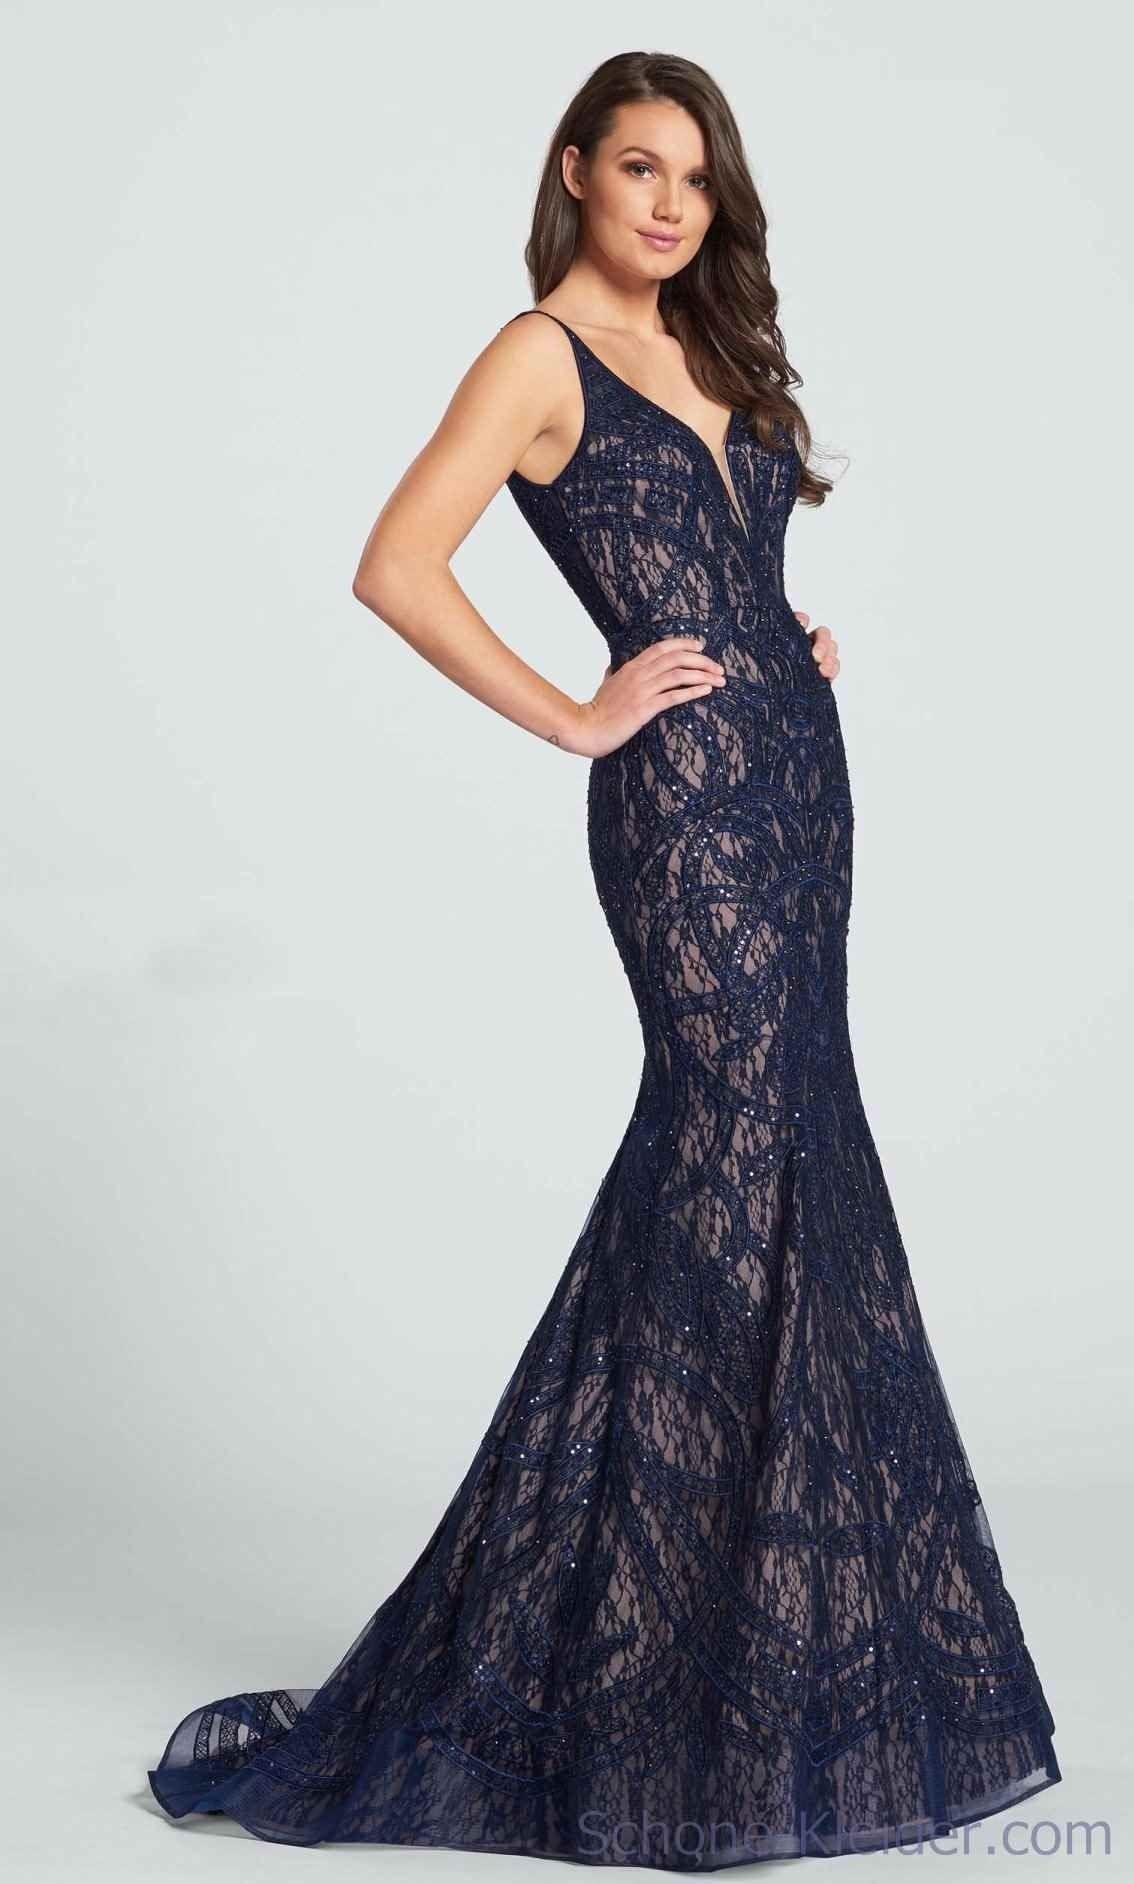 Designer Spektakulär Glamouröse Abendkleider Vertrieb17 Einzigartig Glamouröse Abendkleider für 2019